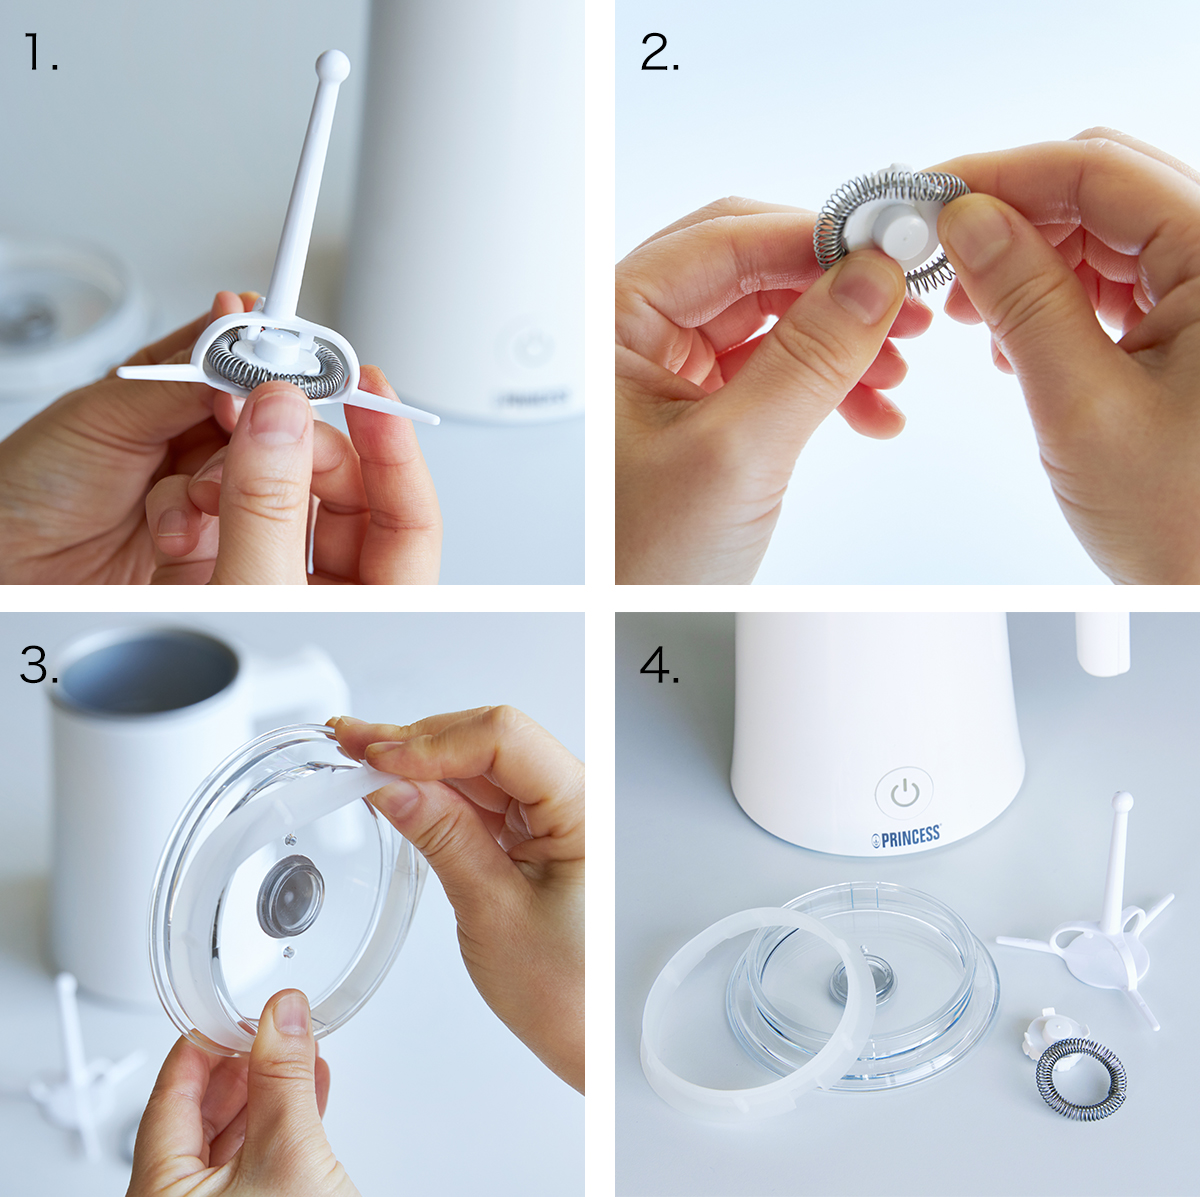 パドルパーツやフタは、分解して洗浄する方法。思わず唸るほど、キメ細やかでクリーミーなふわふわミルクが簡単に作れる「全自動ミルクフォーマー」|PRINCESS Milk Frother Pro